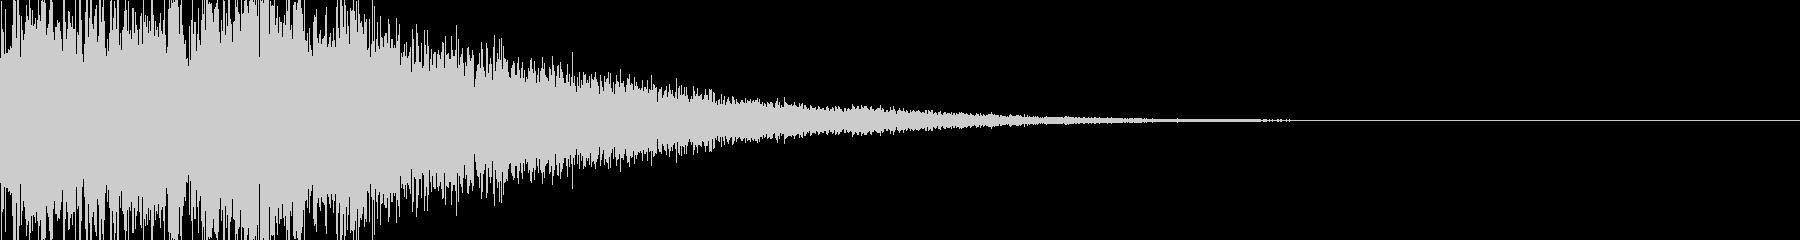 魔法03(水)の未再生の波形